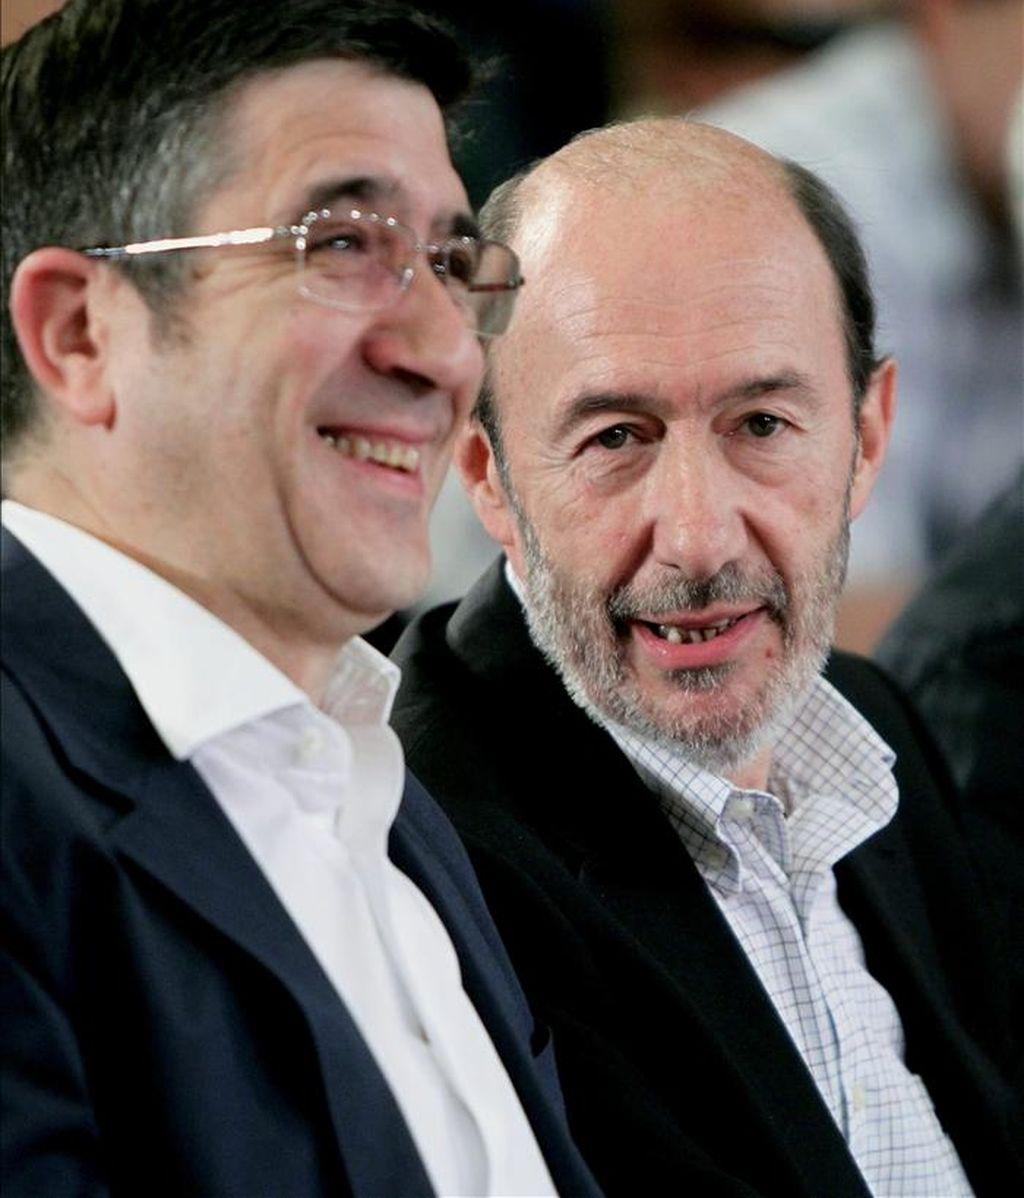 El vicepresidente primero del Gobierno, Alfredo Pérez Rubalcaba (d), y el lehendakari, Patxi López (i), conversan durante su participación en un acto electoral del PSE/EE celebrado hoy en San Sebastián. EFE